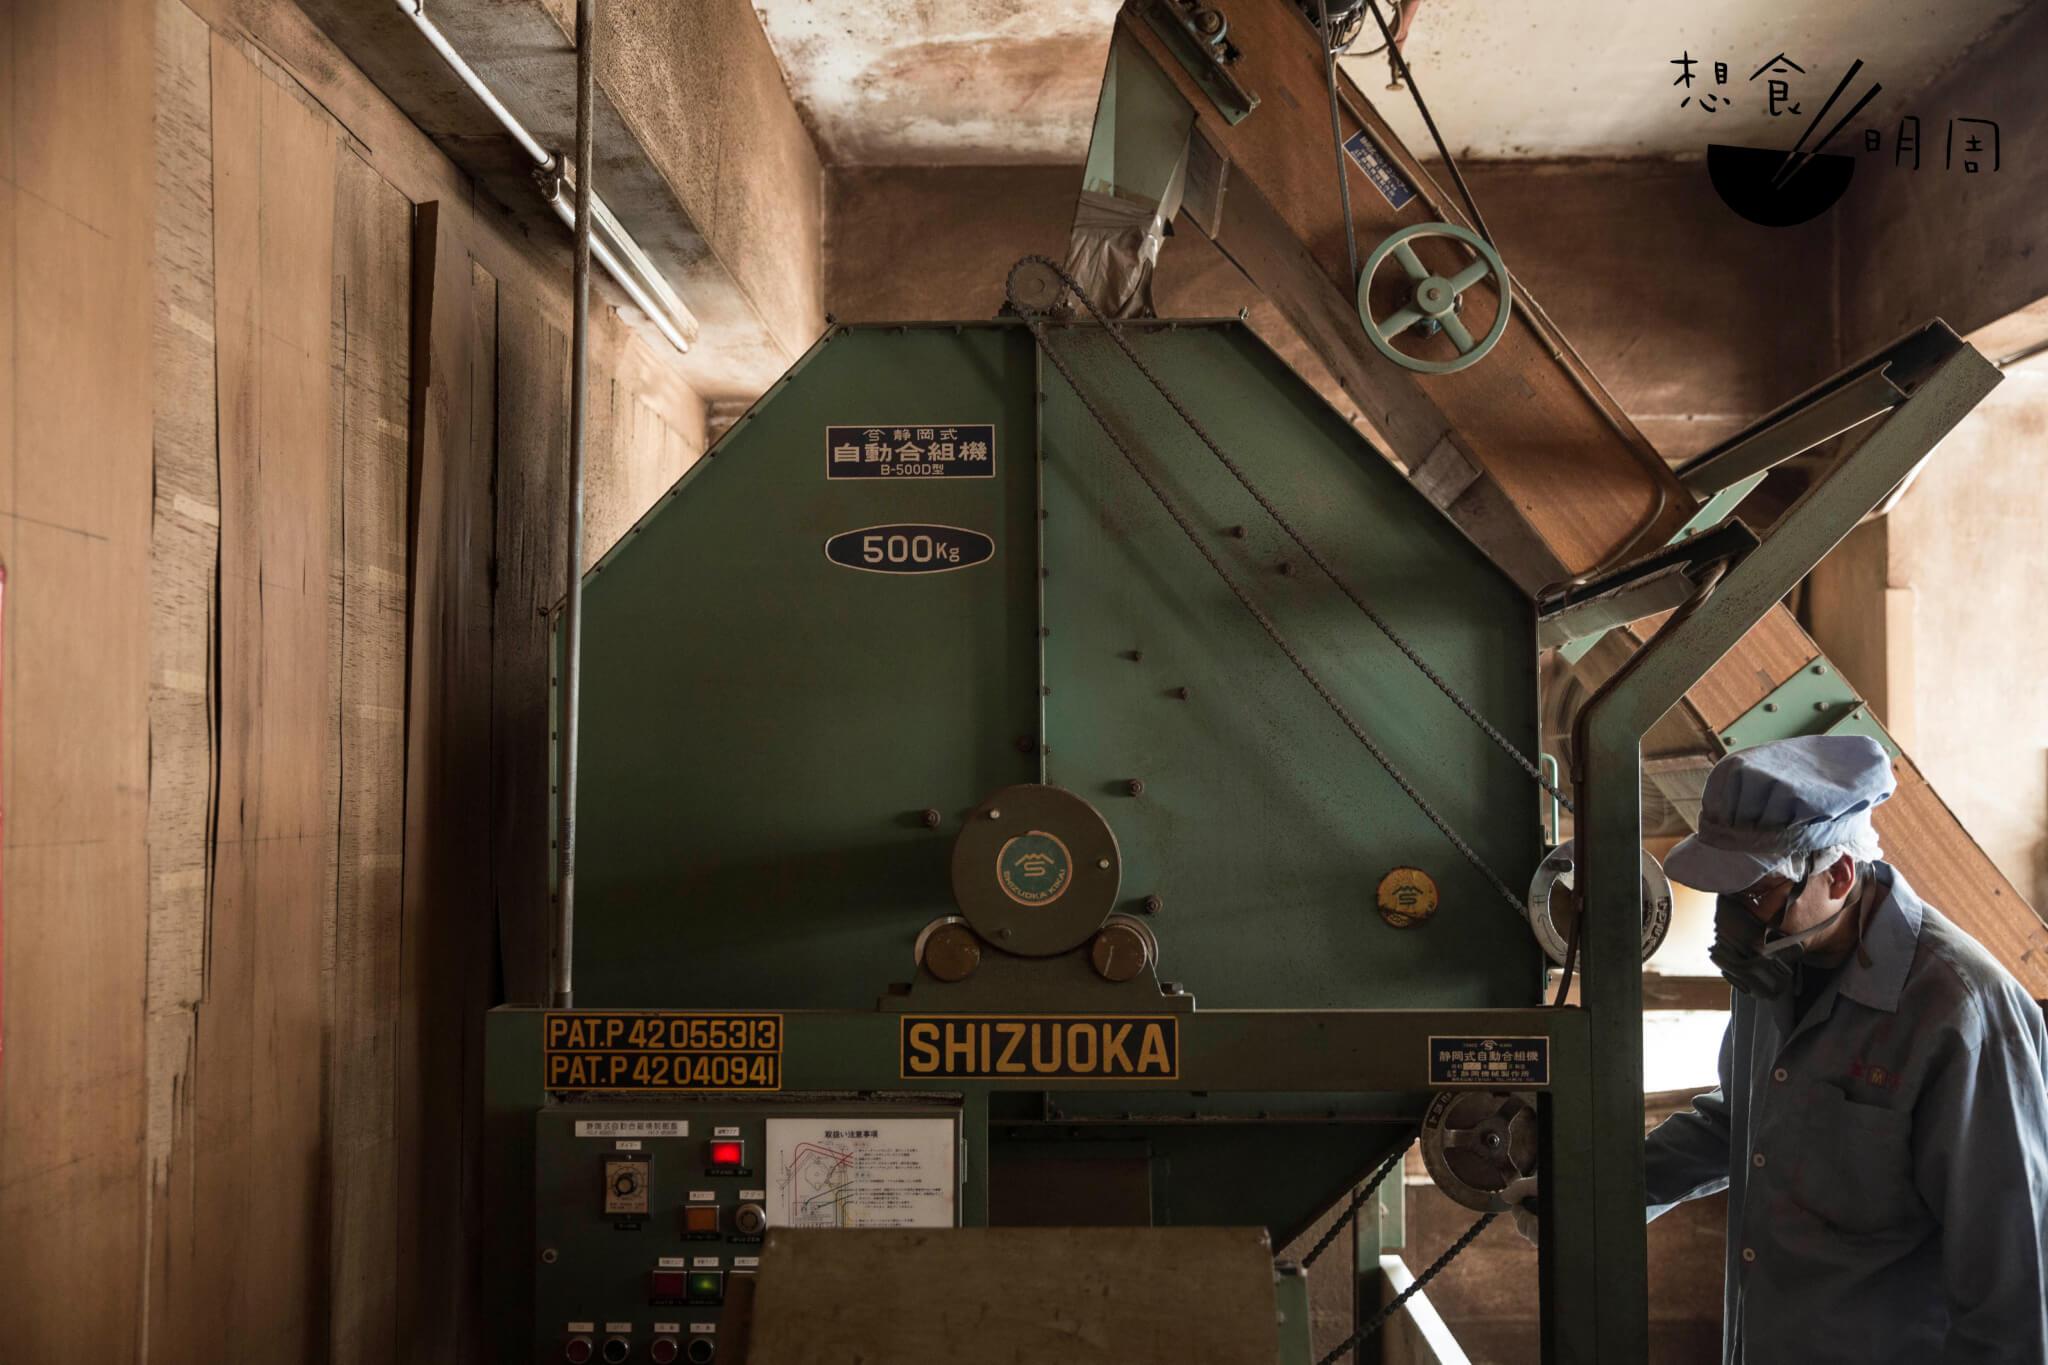 茶葉在鐵箱內順時針徐徐運轉,把幾款茶葉混為一體。